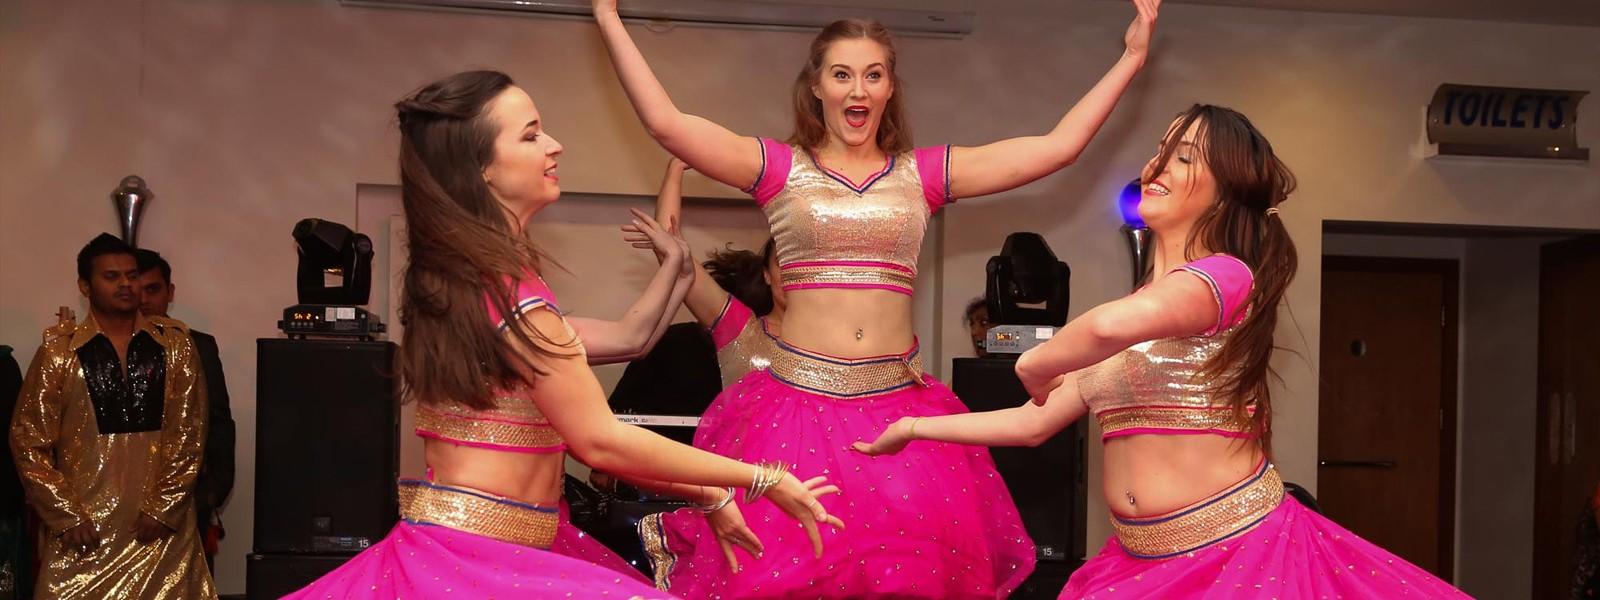 Dancers com photos 23